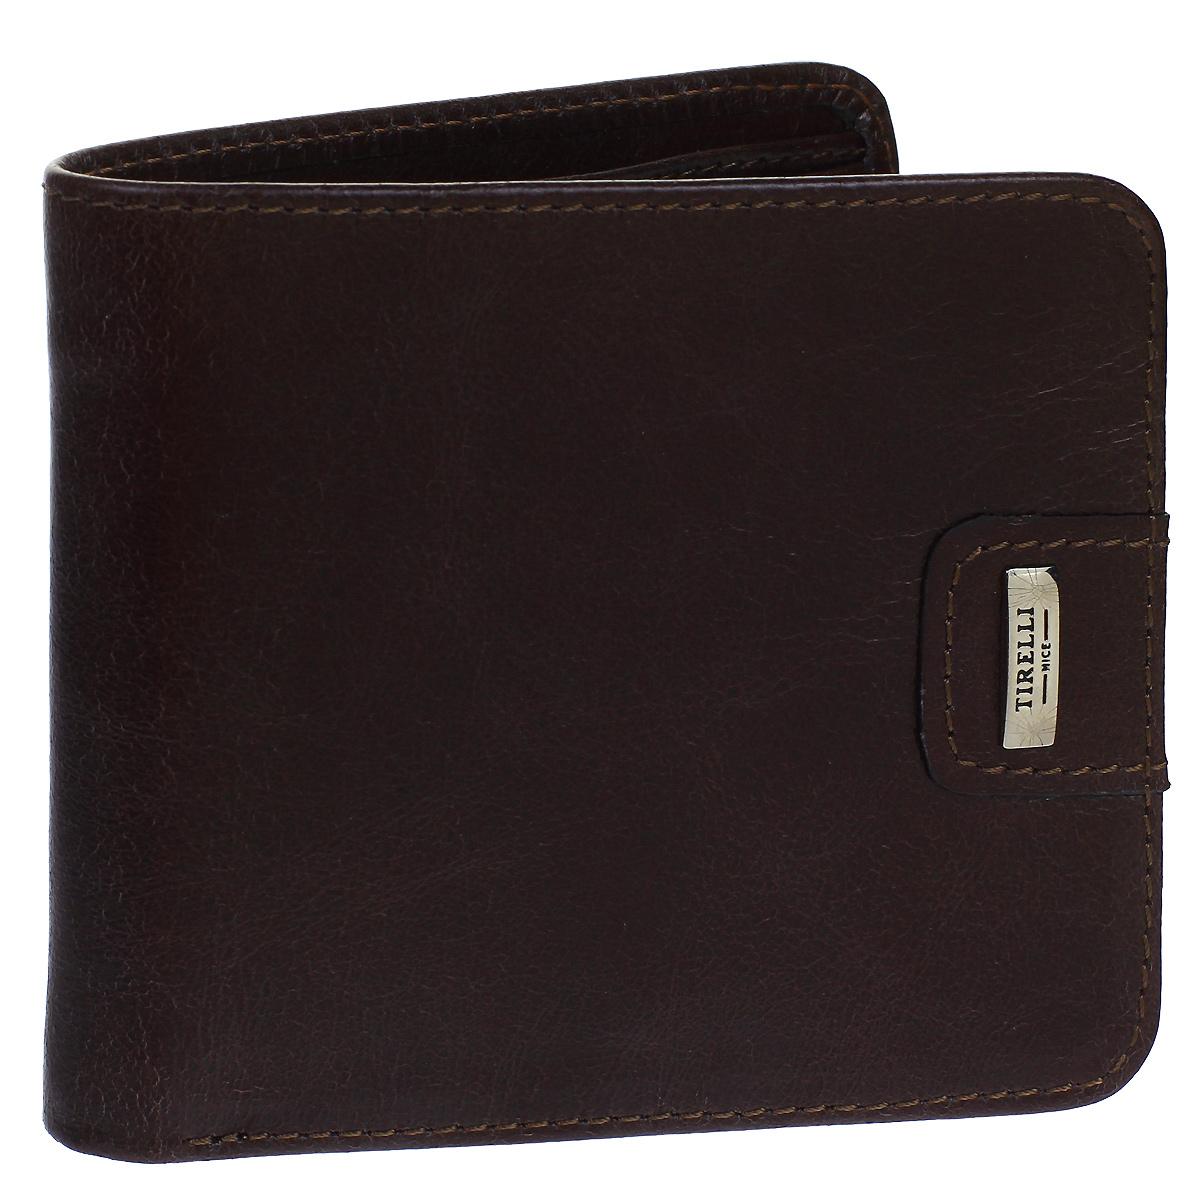 Портмоне мужское Tirelli Денвер, цвет: коричневый. 15-315-121-022_516Мужское портмоне Tirelli Денвер изготовлено из натуральной кожи коричневого цвета с матовой текстурой. Портмоне оформлено фирменным логотипом. Внутри имеется два отделения для купюр, три кармана для хранения пластиковых карт, визиток, дисконтных карт, одно отделение с пластиковым окошком для фото и один потайной кармашек.Такое портмоне не только поможет сохранить внешний вид ваших документов и защитит их от повреждений, но и станет ярким аксессуаром, который подчеркнет ваш образ. Изделие упаковано в подарочную коробку синего цвета с логотипом фирмы Tirelli. Характеристики:Материал: натуральная кожа, текстиль, металл. Цвет: коричневый. Размер портмоне (в сложенном виде): 11 см х 9,5 см х 1,5 см.